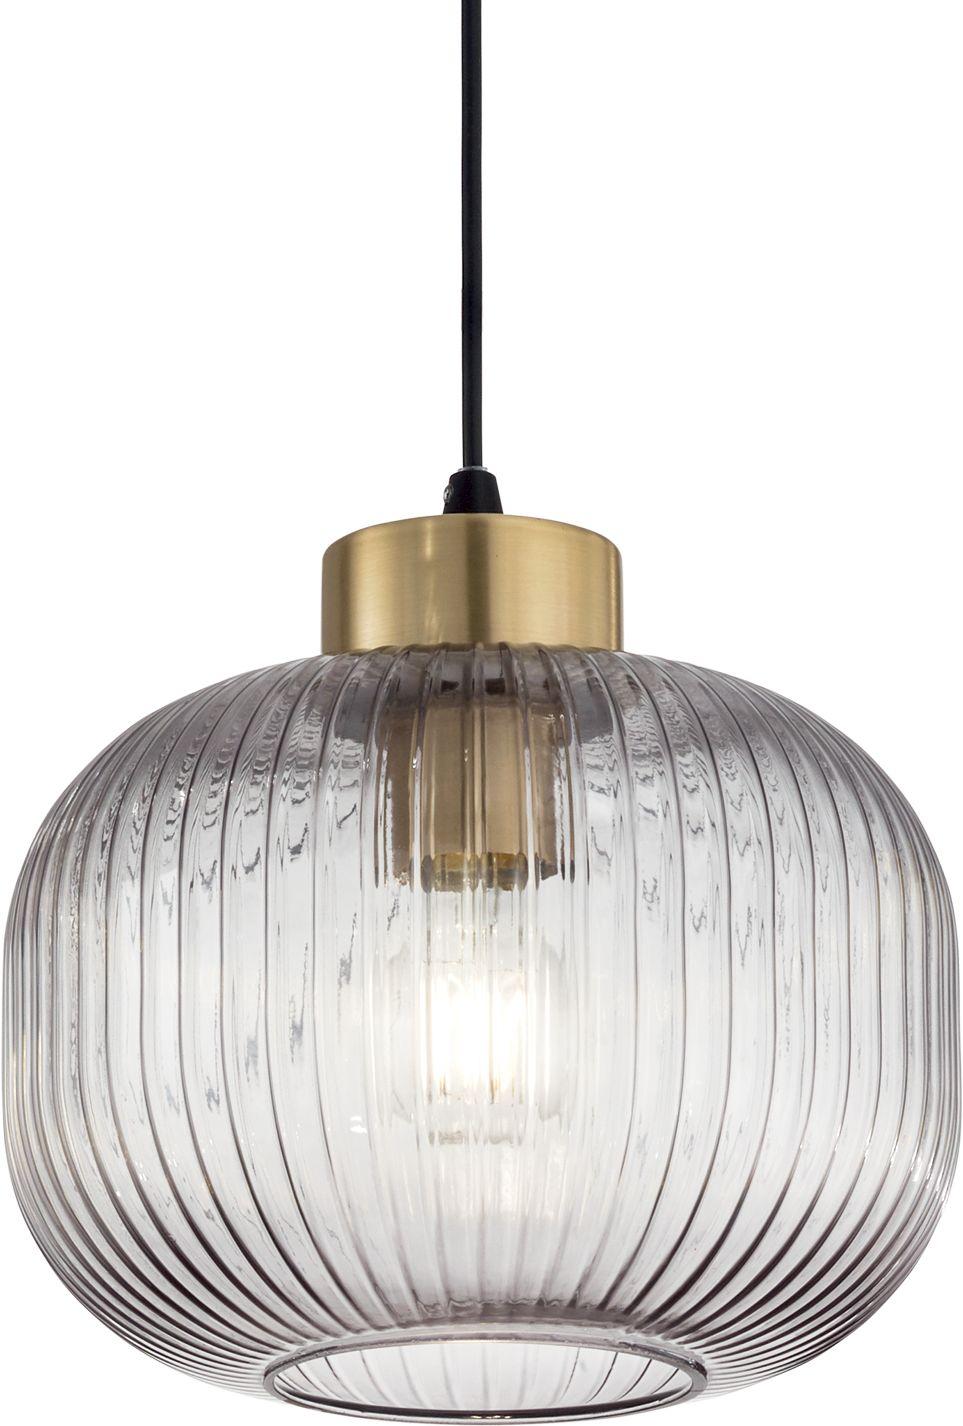 Lampa wisząca Mint Ideal Lux nowoczesna oprawa z przezroczystego szkła